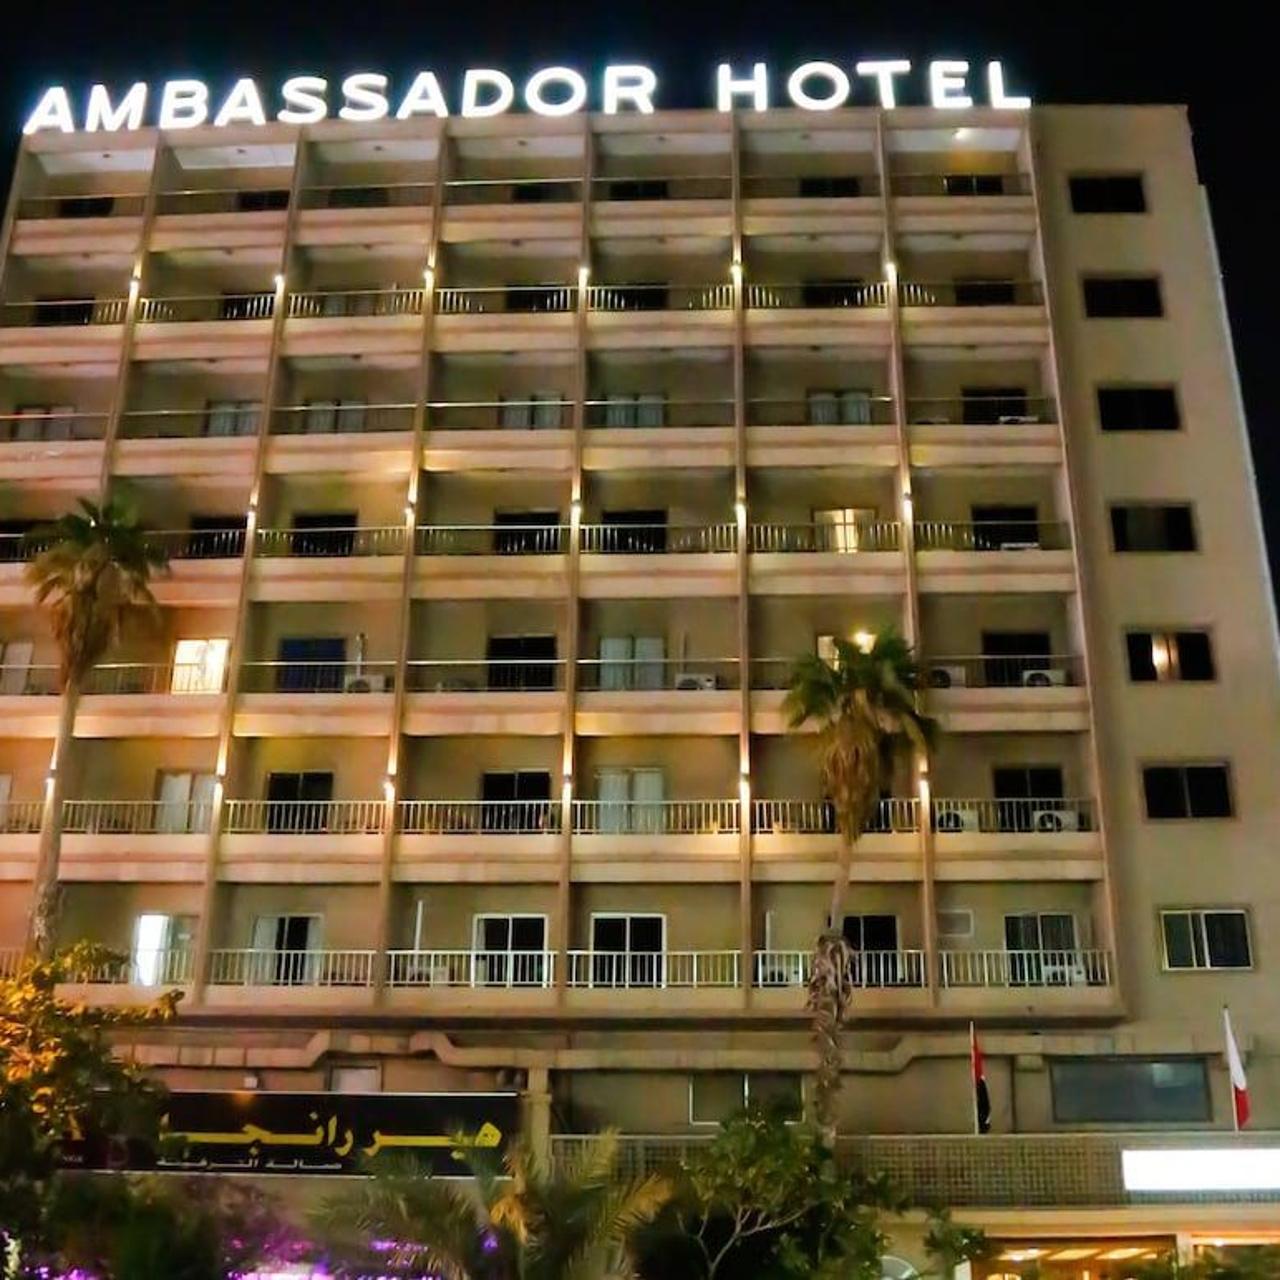 Амбассадор дубай дорогая недвижимость в европе